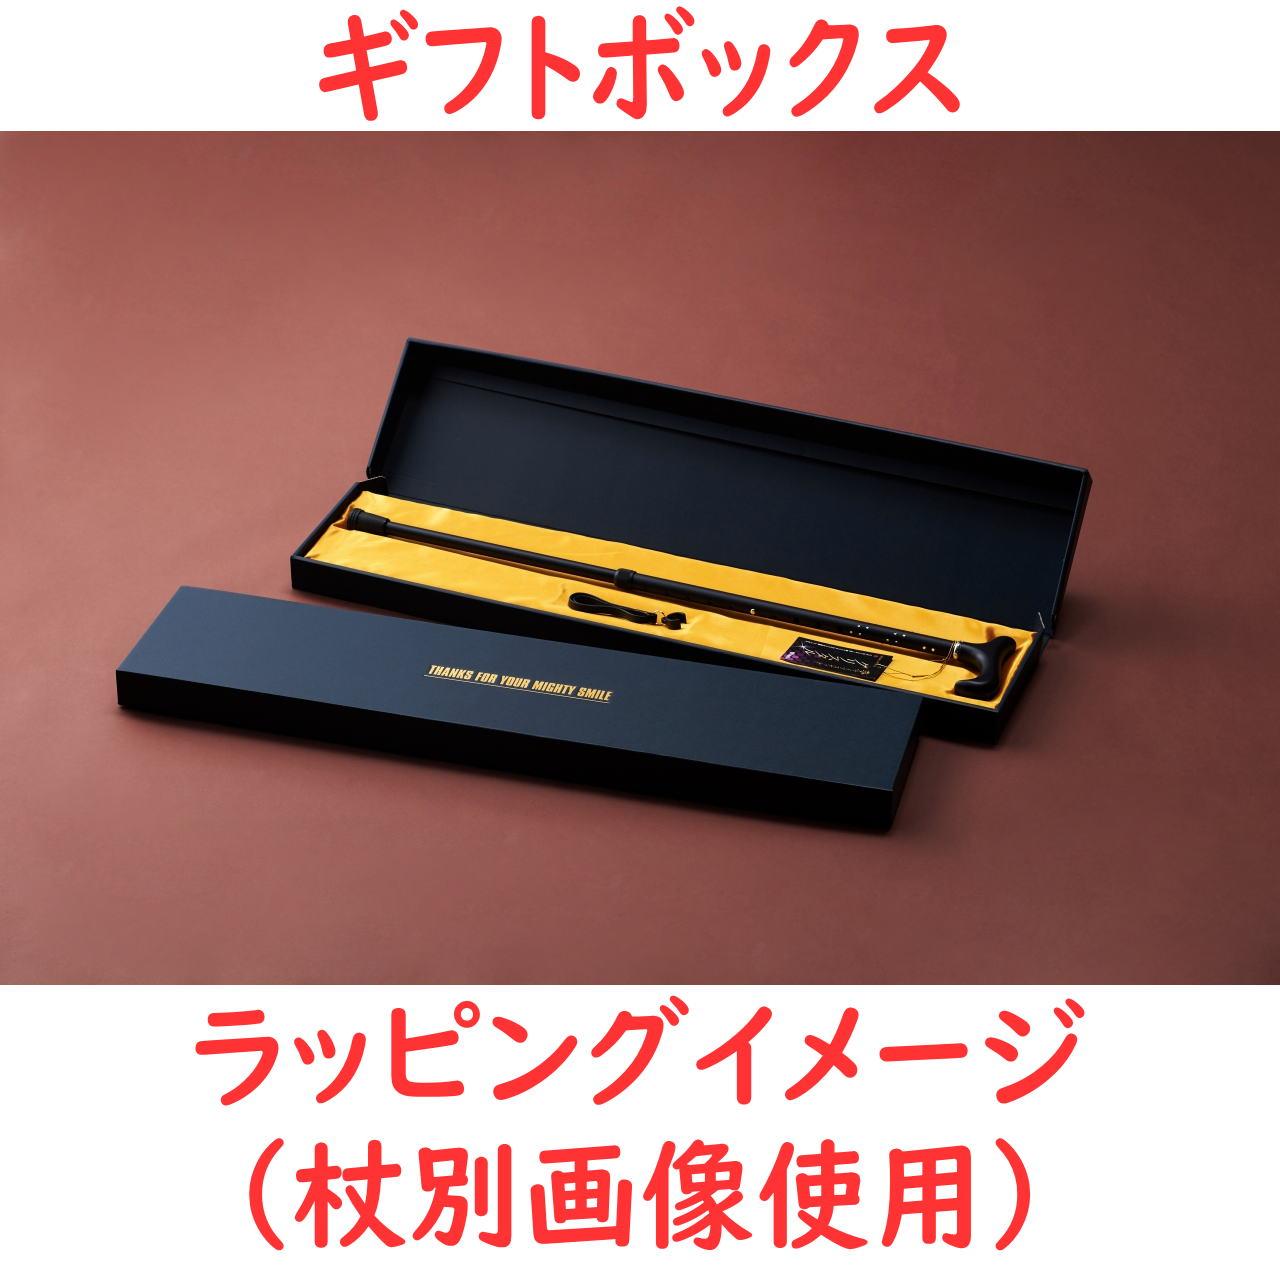 ☆ギフトボックス可☆ 夢ライフステッキ スリムネック折畳スリムタイプ(柄) 6色より選べます